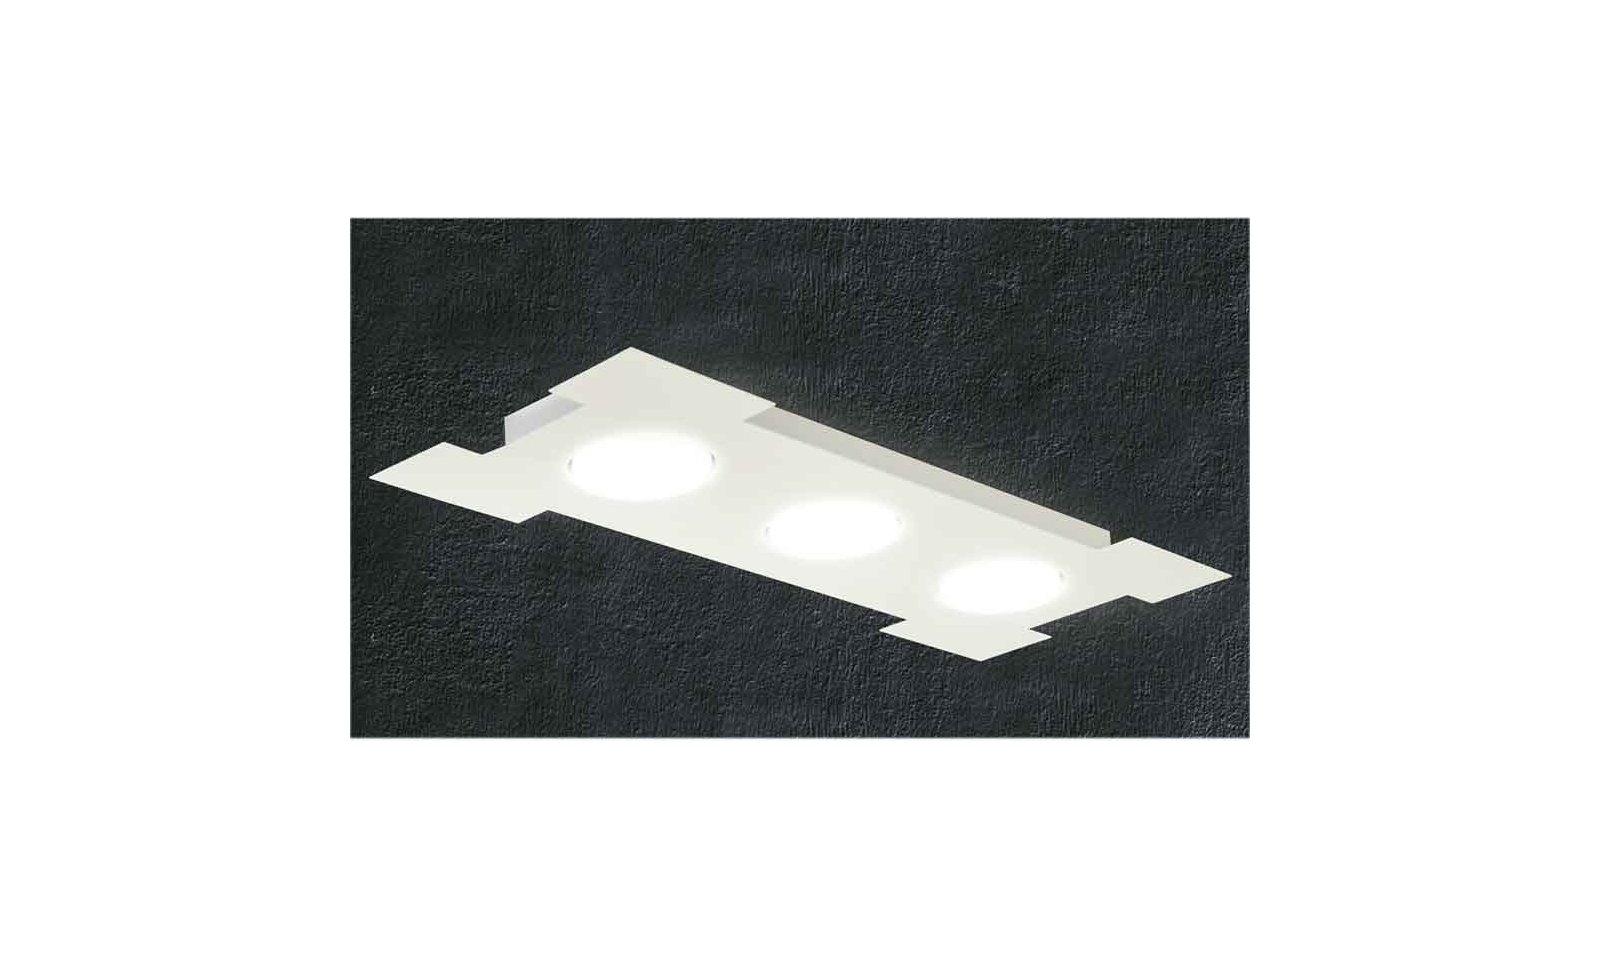 Plafoniera Rettangolare Cristallo : Promoingross atene rettangolare led plafoniera in metallo bianco